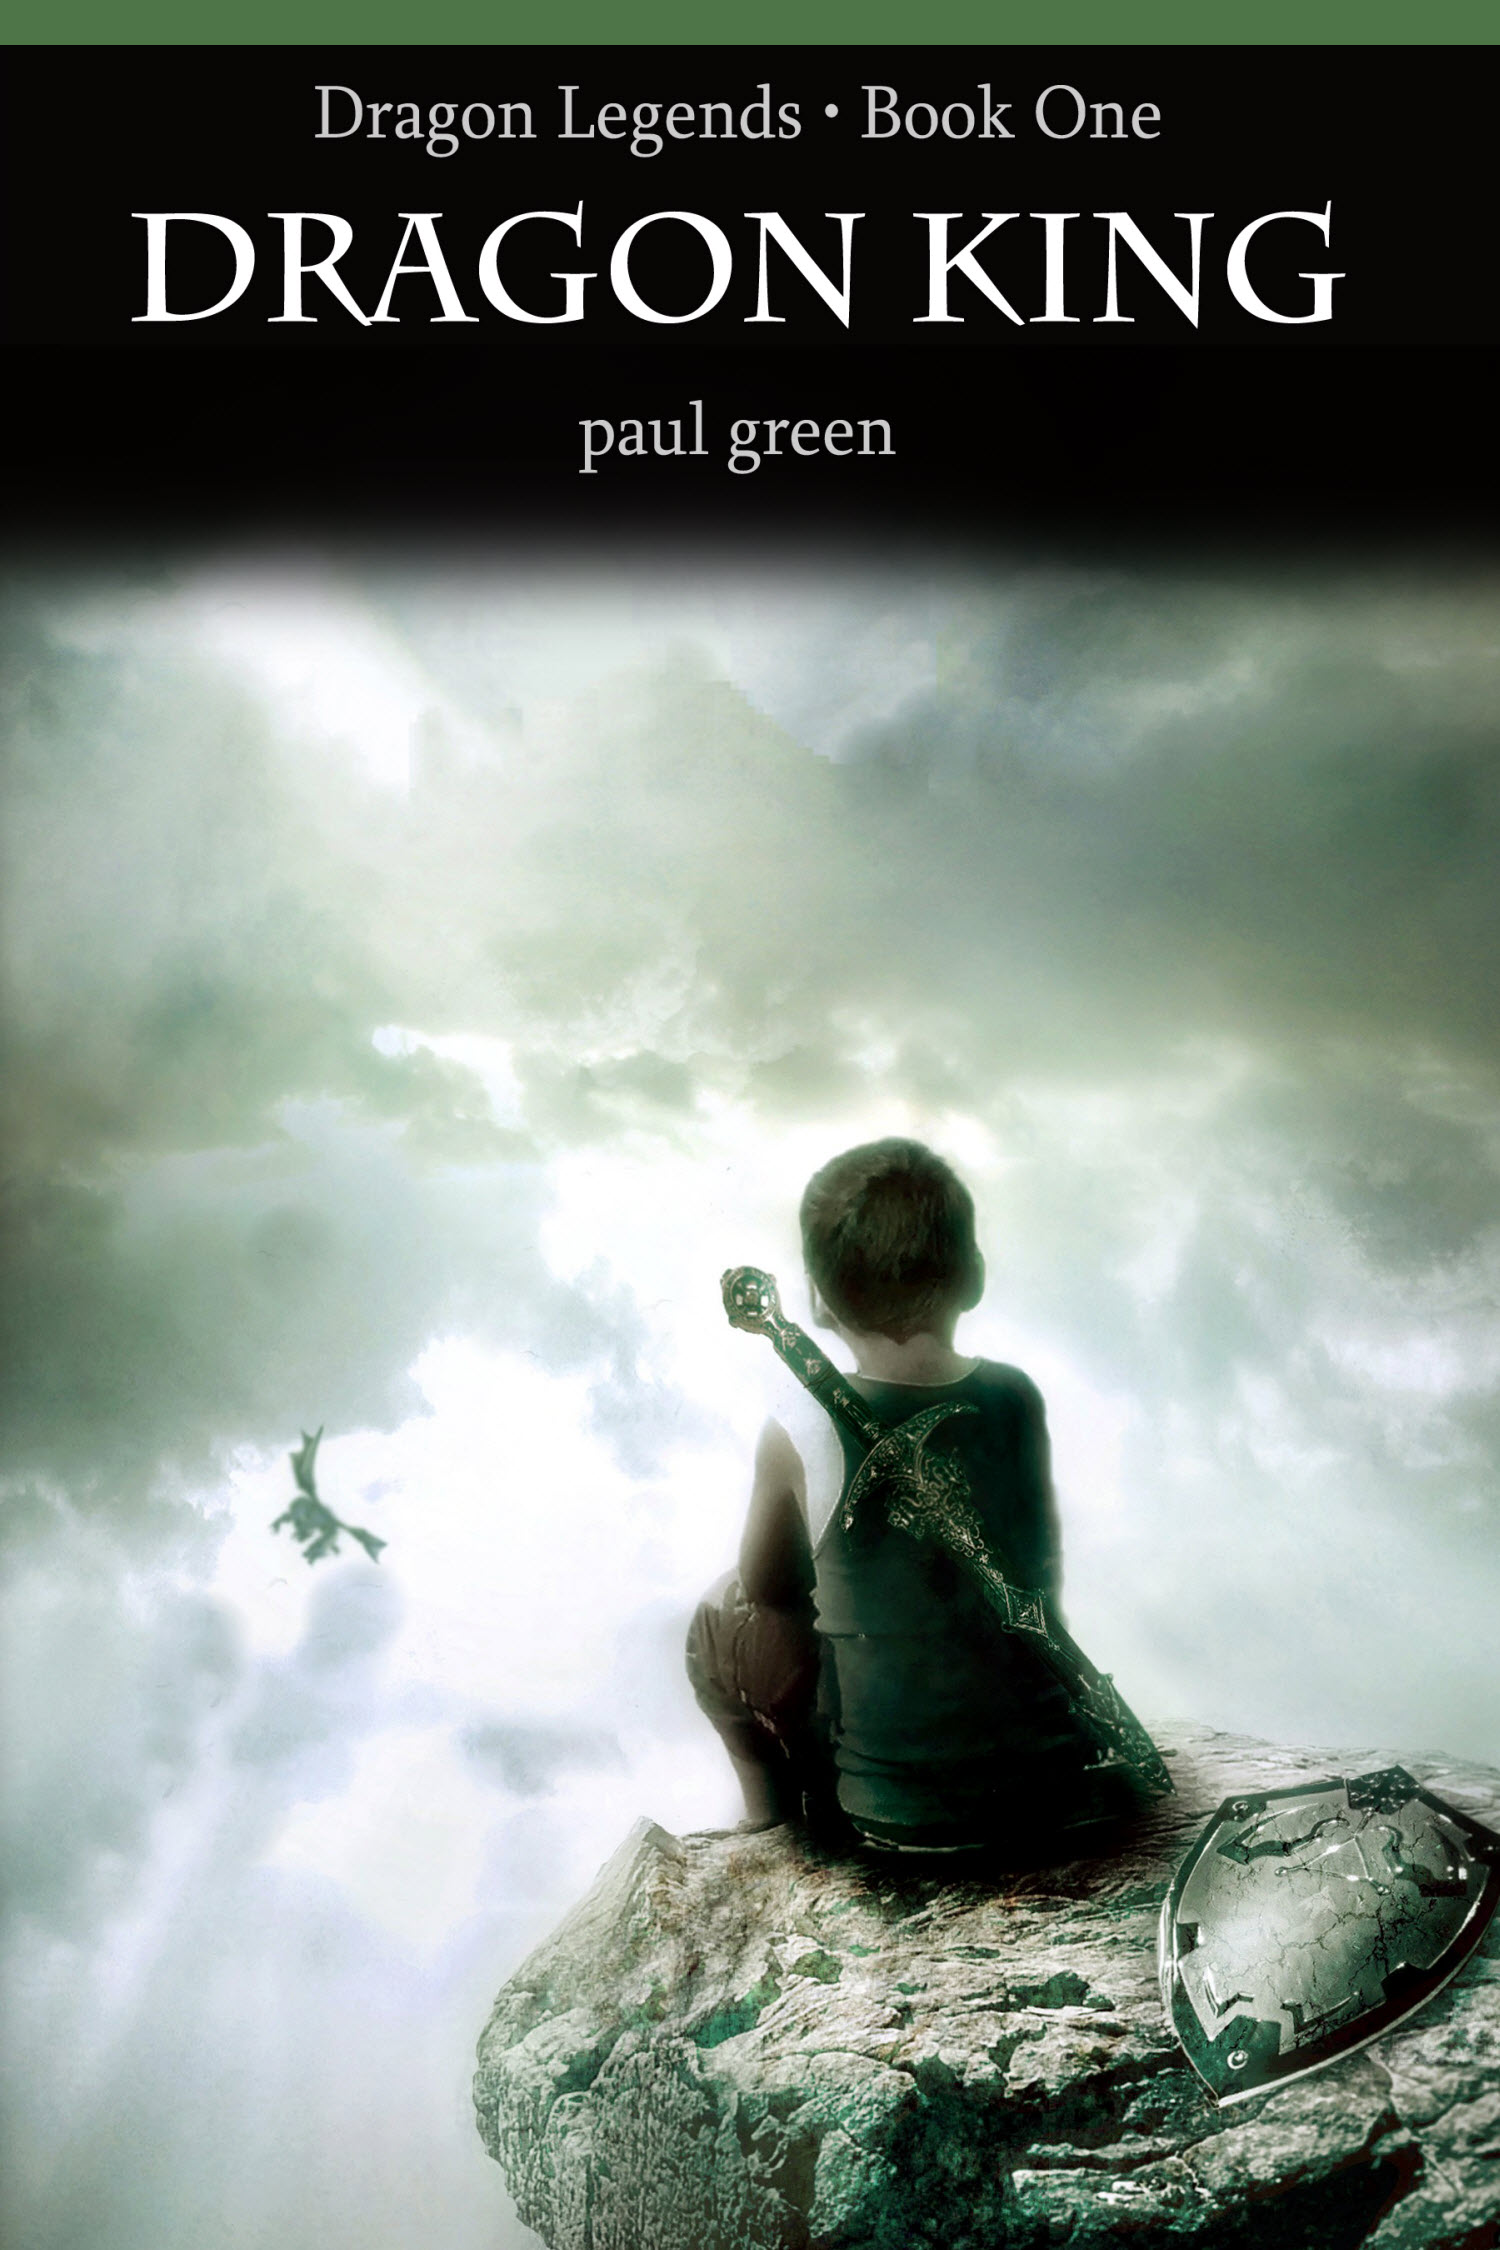 großer Rabatt Factory Outlets erstklassig Dragon Legends 1: Dragon King, an Ebook by Paul Green